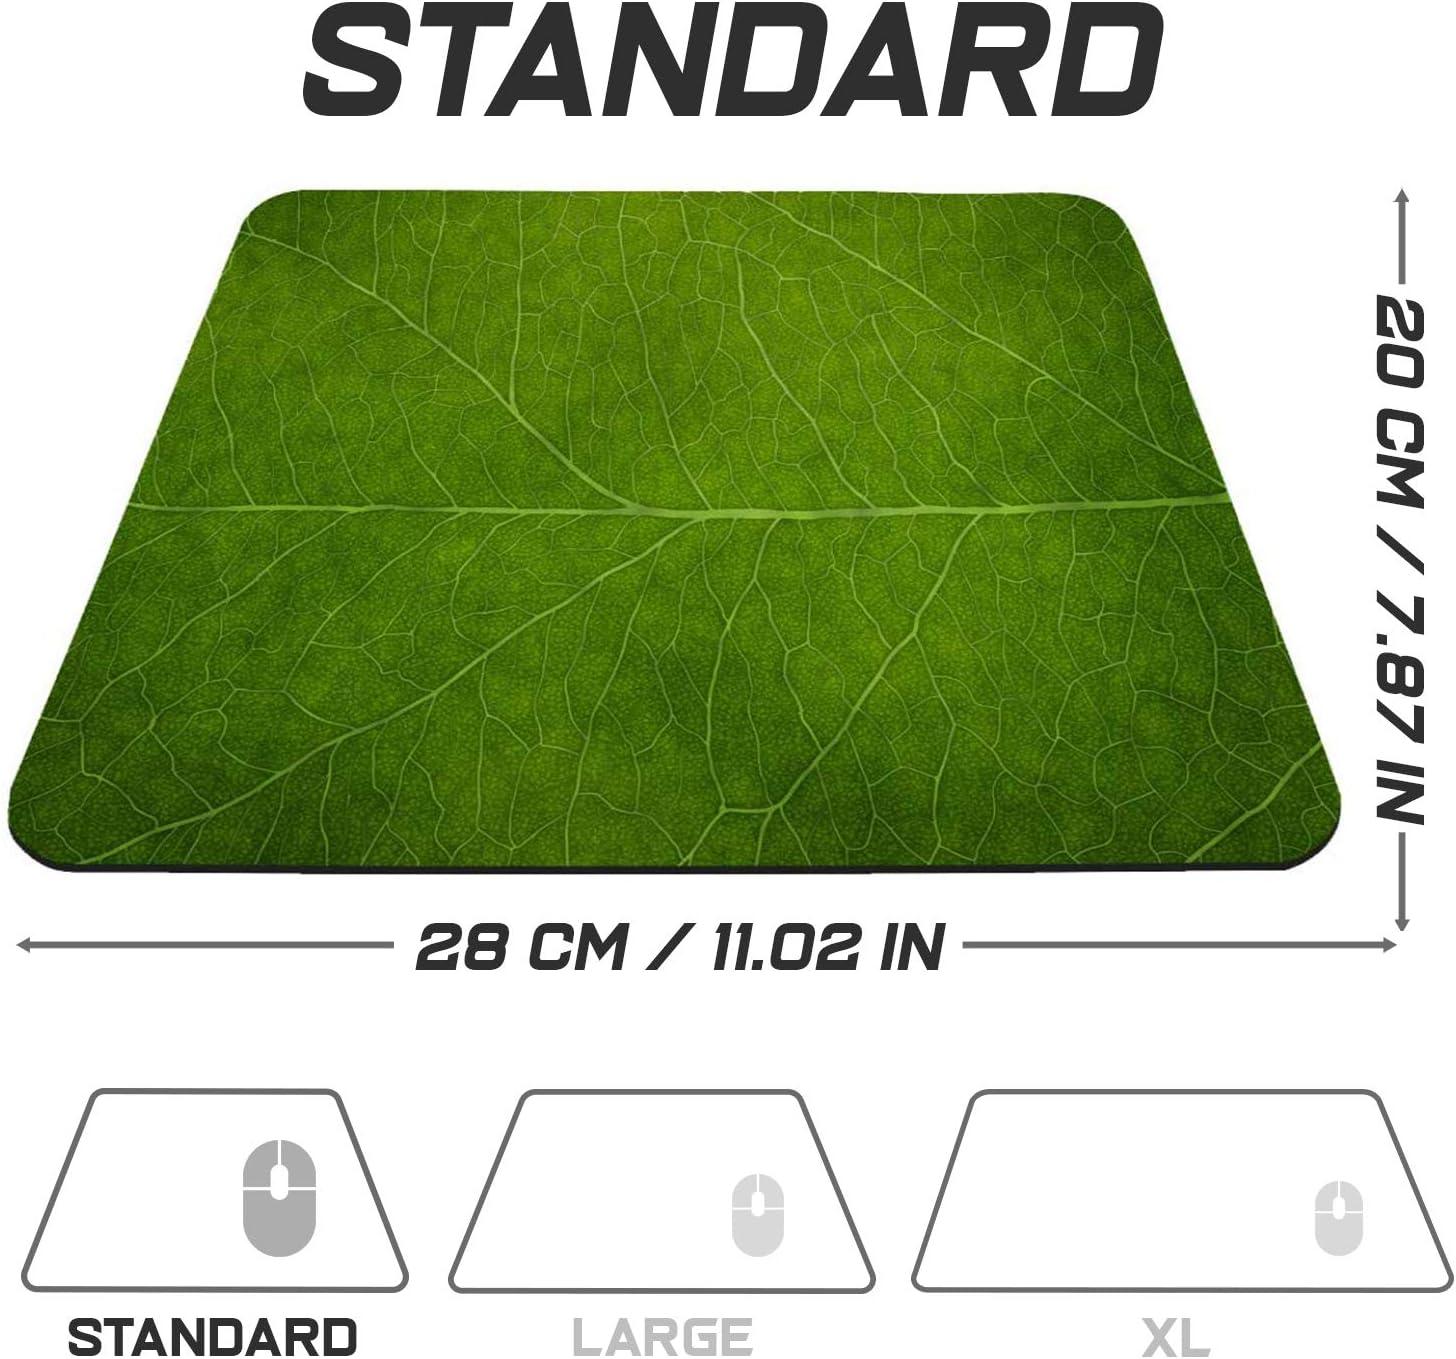 Surface sp/éciale am/éliore la Vitesse et la pr/écision Gamer Mouse Pad Vert Base en Caoutchouc Antid/érapant Surface 280 x 200 mm Sidorenko Tapis de Souris Gaming